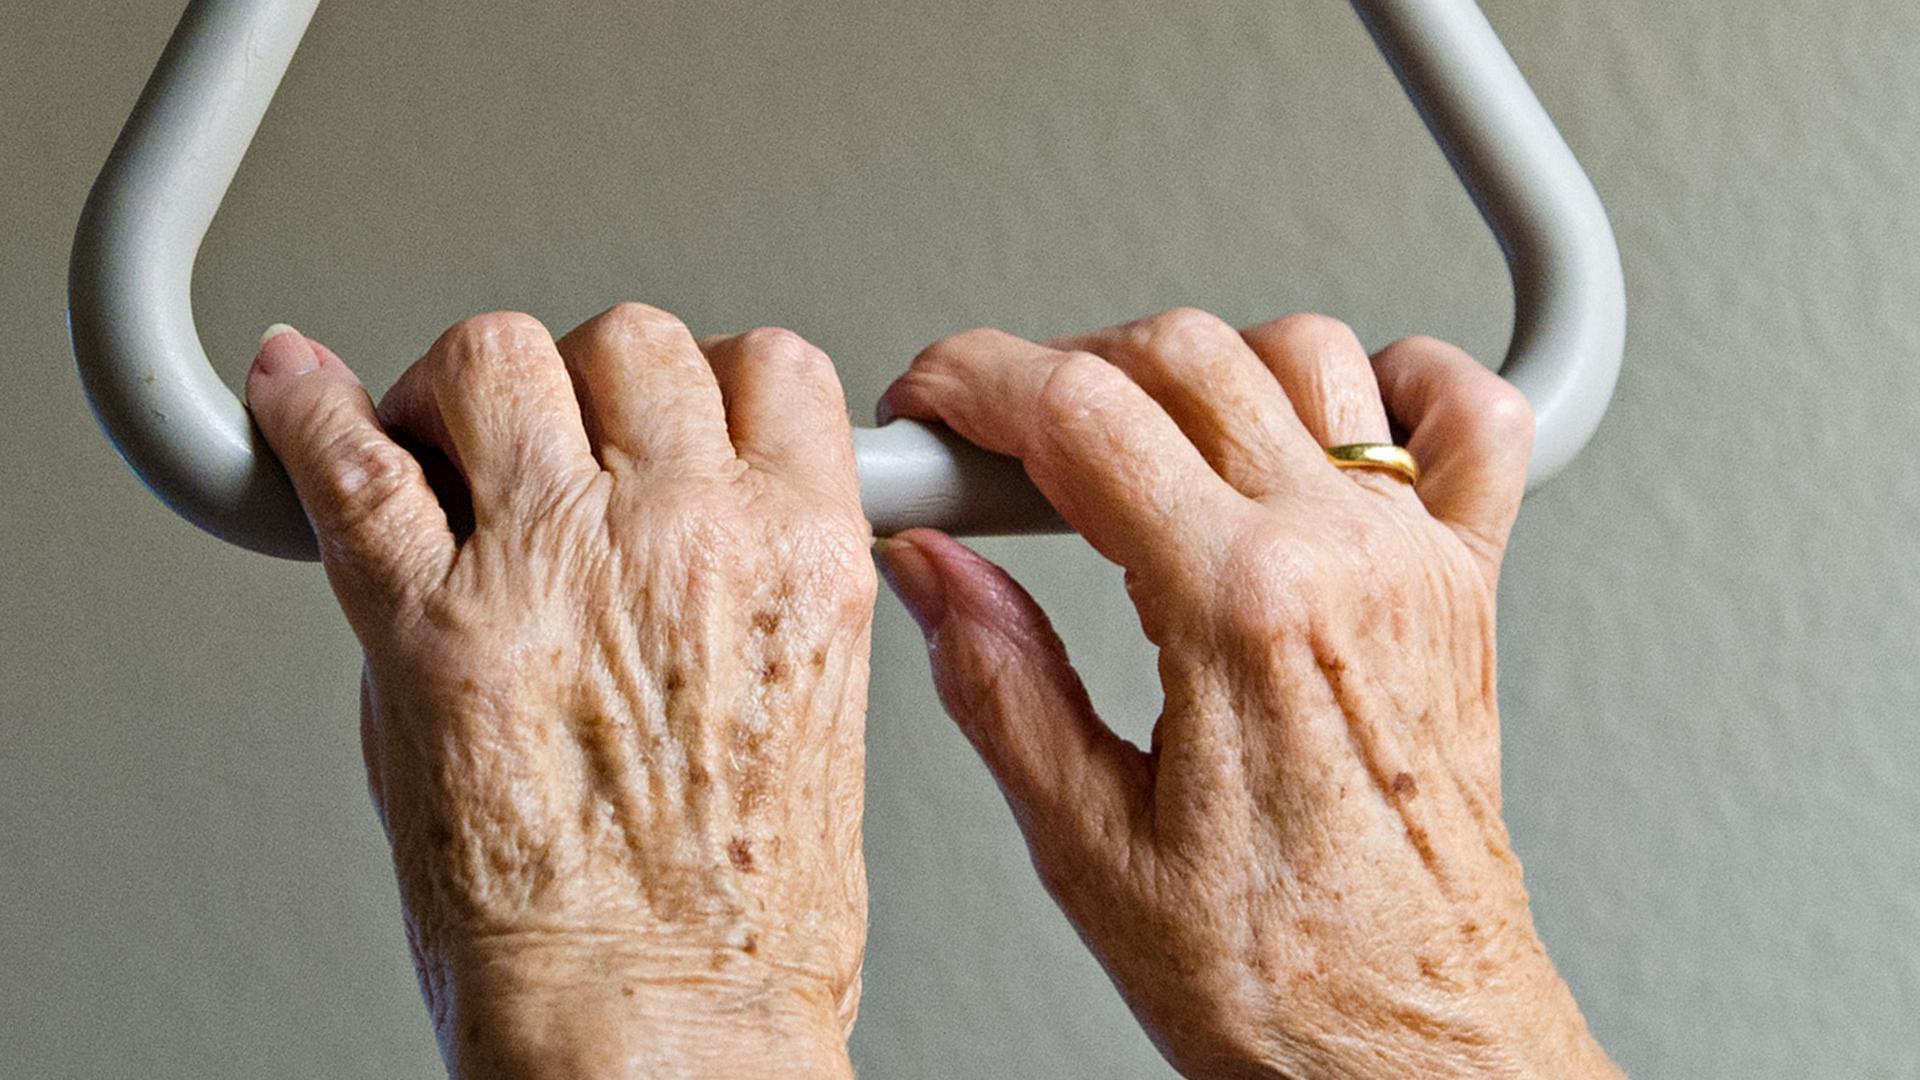 ARCHIV - ILLUSTRATION - Eine Bewohnerin einer Krankenwohnung hält sich am 06.09.2013 in Stuttgart (Baden-Württemberg) an ihrem Bett an einem Haltegriff fest. Die Gewerkschaft Verdi fordert mehr Personal in der Altenpflege. (zu dpa vom 30.10.2017) Foto: Daniel Bockwoldt/dpa +++ dpa-Bildfunk +++